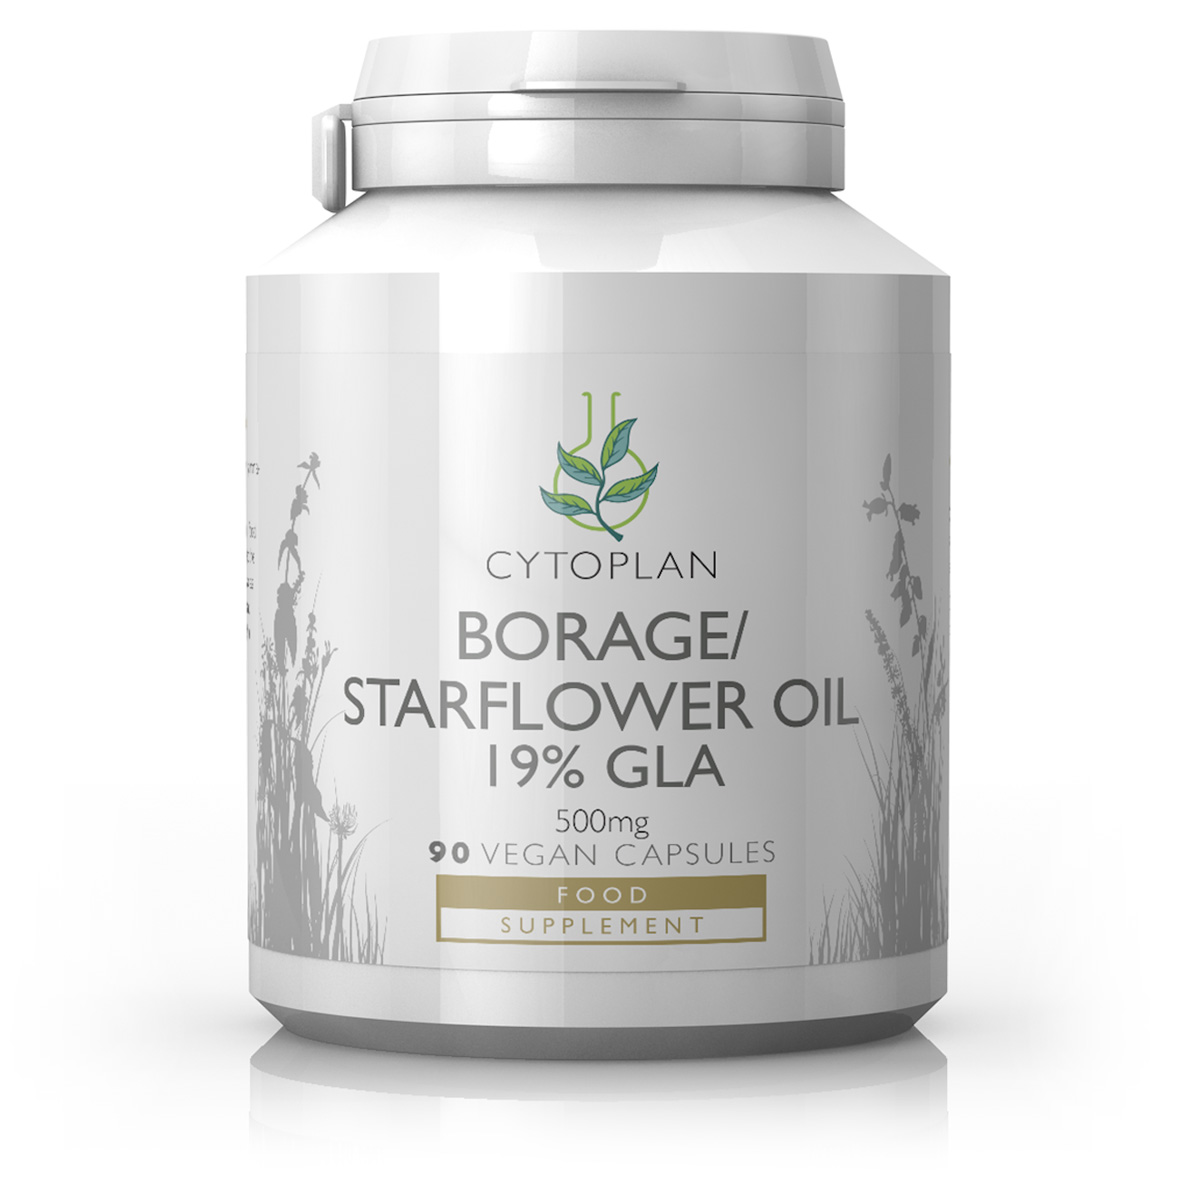 Borage/ Starflower Oil 90's